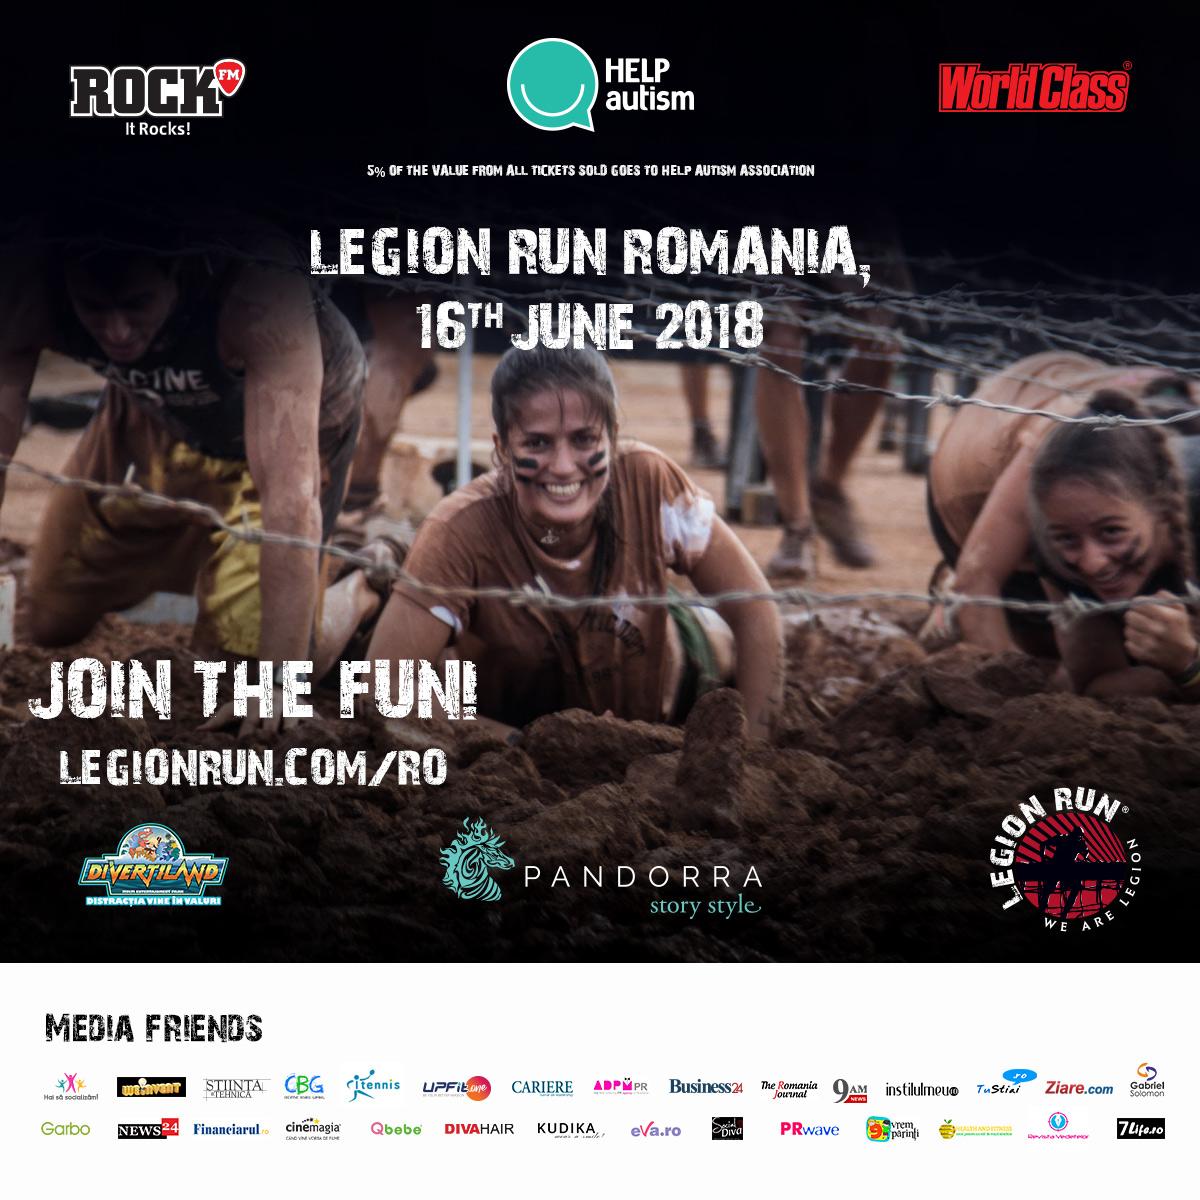 Ajuta copiii cu autism participând la Legion Run